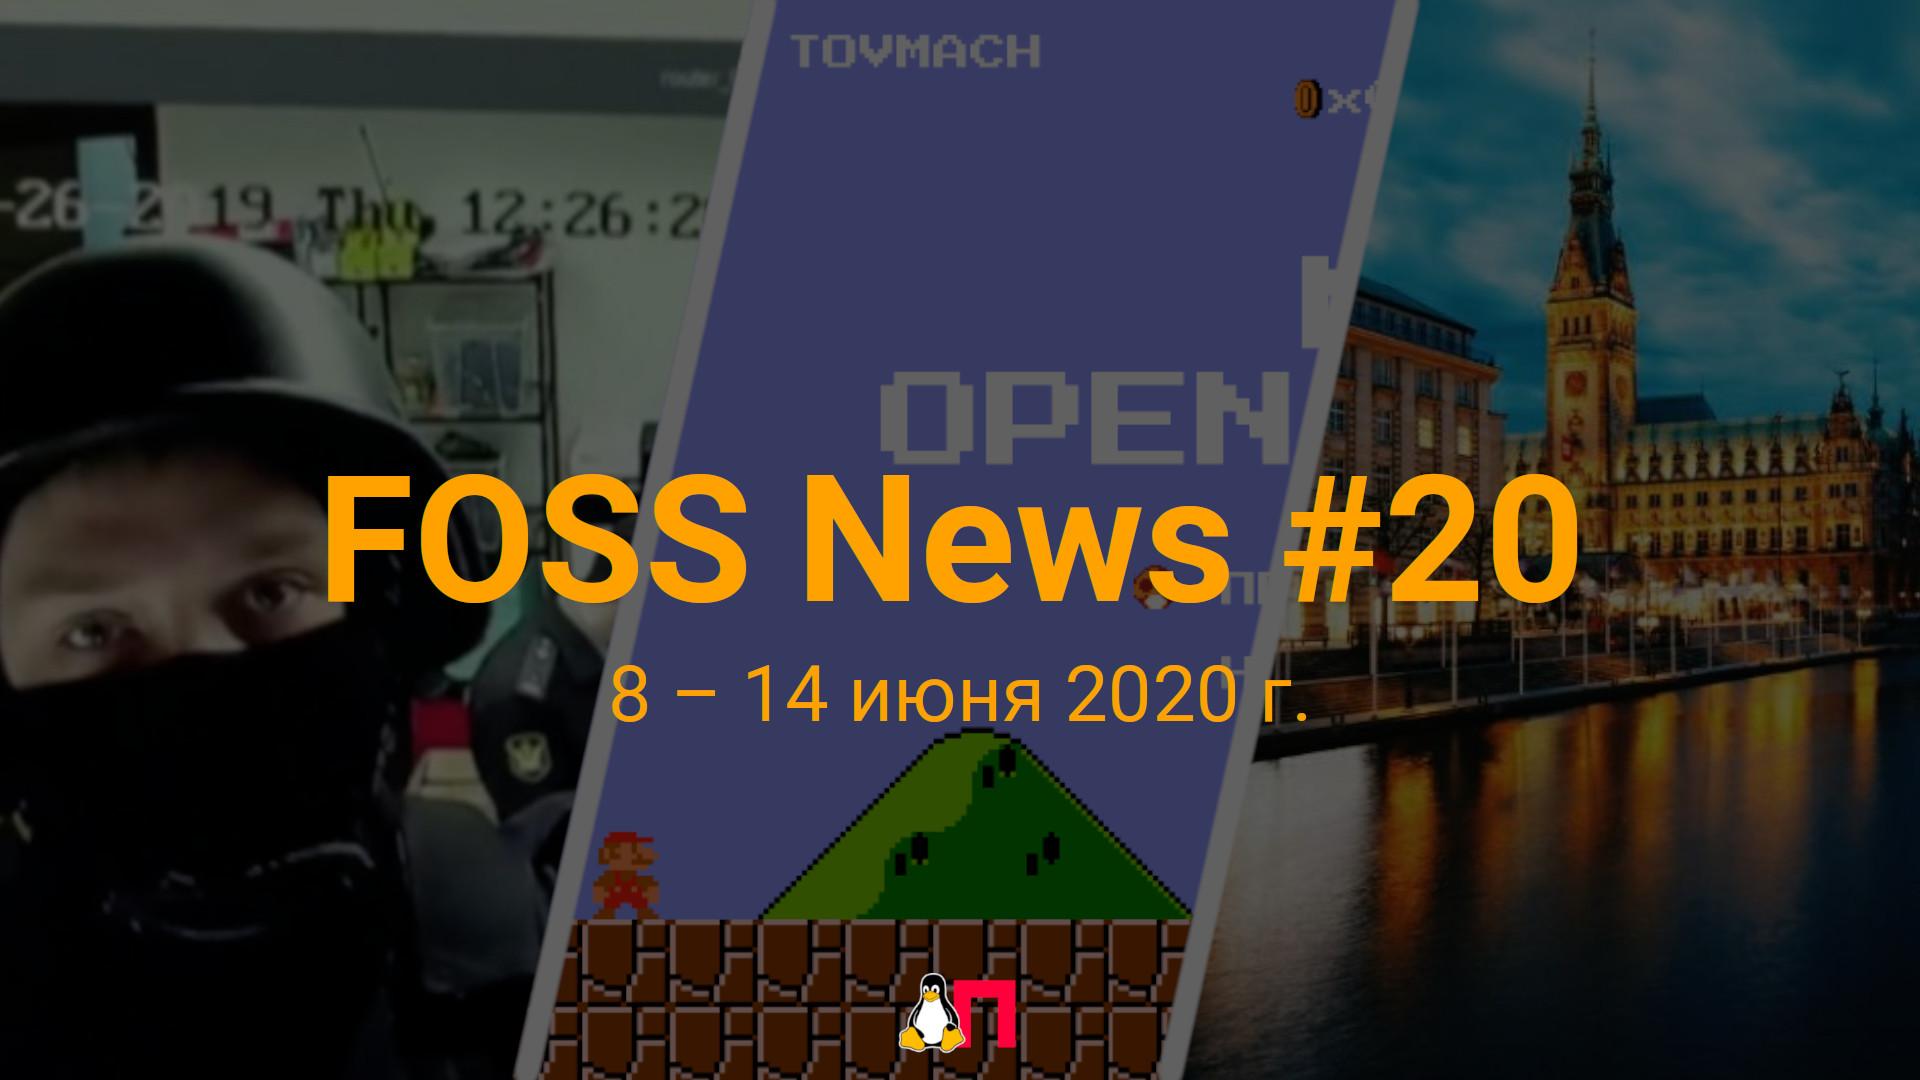 FOSS News 20  обзор новостей свободного и открытого ПО за 8-14 июня 2020 года